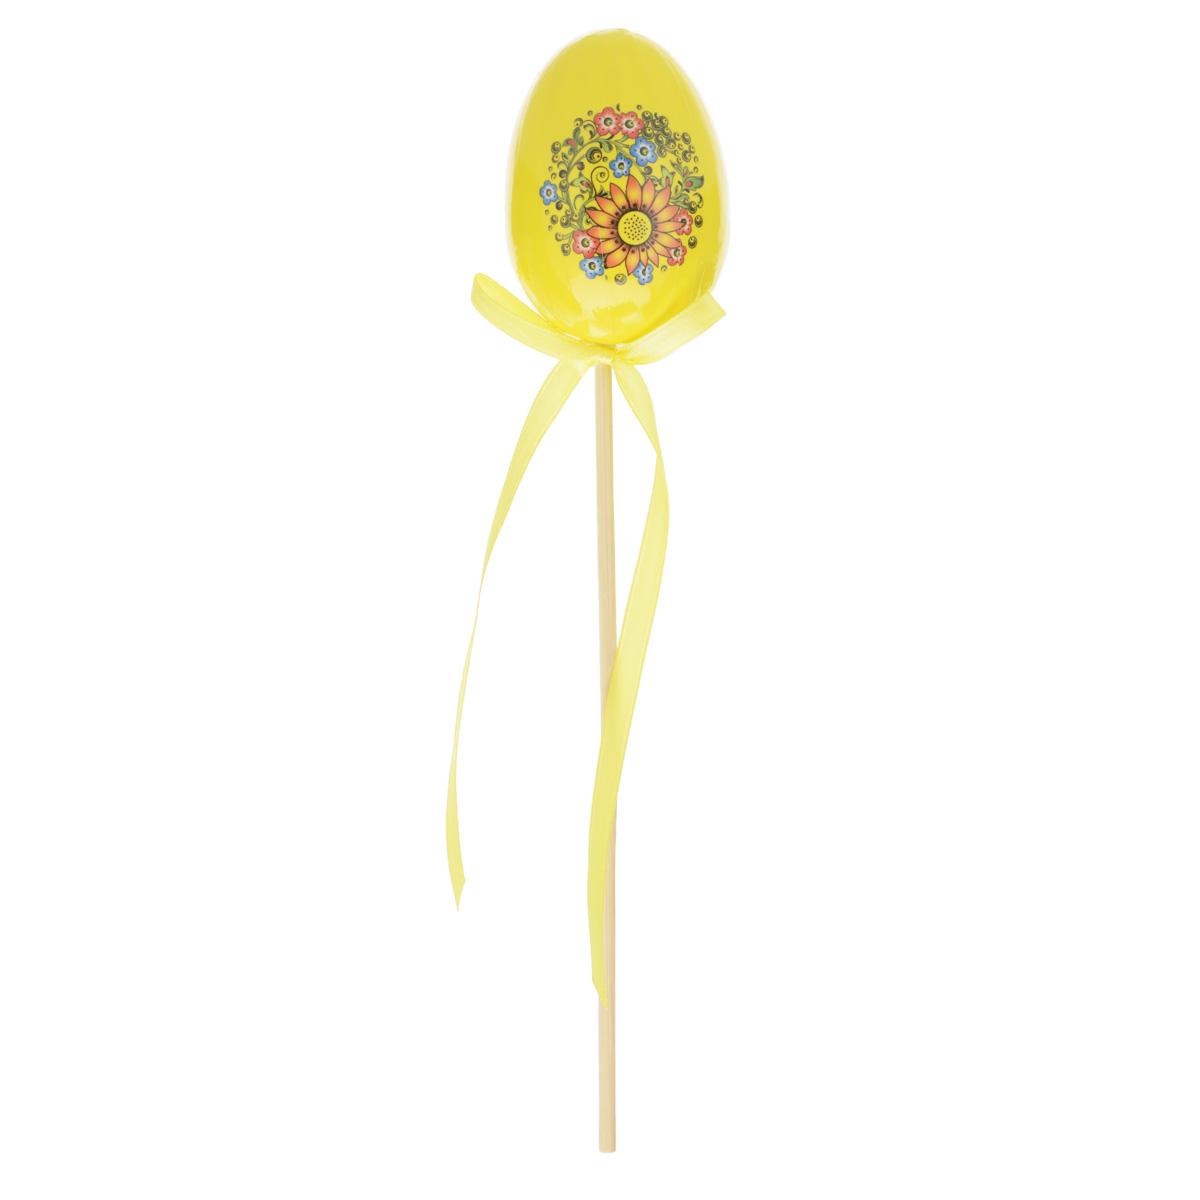 Декоративное украшение на ножке Home Queen Яйцо, цвет: желтый, высота 25 смC0038550Декоративное украшение Home Queen Яйцо выполнено из пенопласта, ламинированной бумаги в виде пасхального яйца на деревянной ножке, декорированного цветочным рисунком. Изделие украшено текстильной лентой. Такое украшение прекрасно дополнит подарок для друзей или близких. Высота: 25 см. Размер яйца: 7 см х 5 см.Материал: пенопласт, ламинированная бумага.